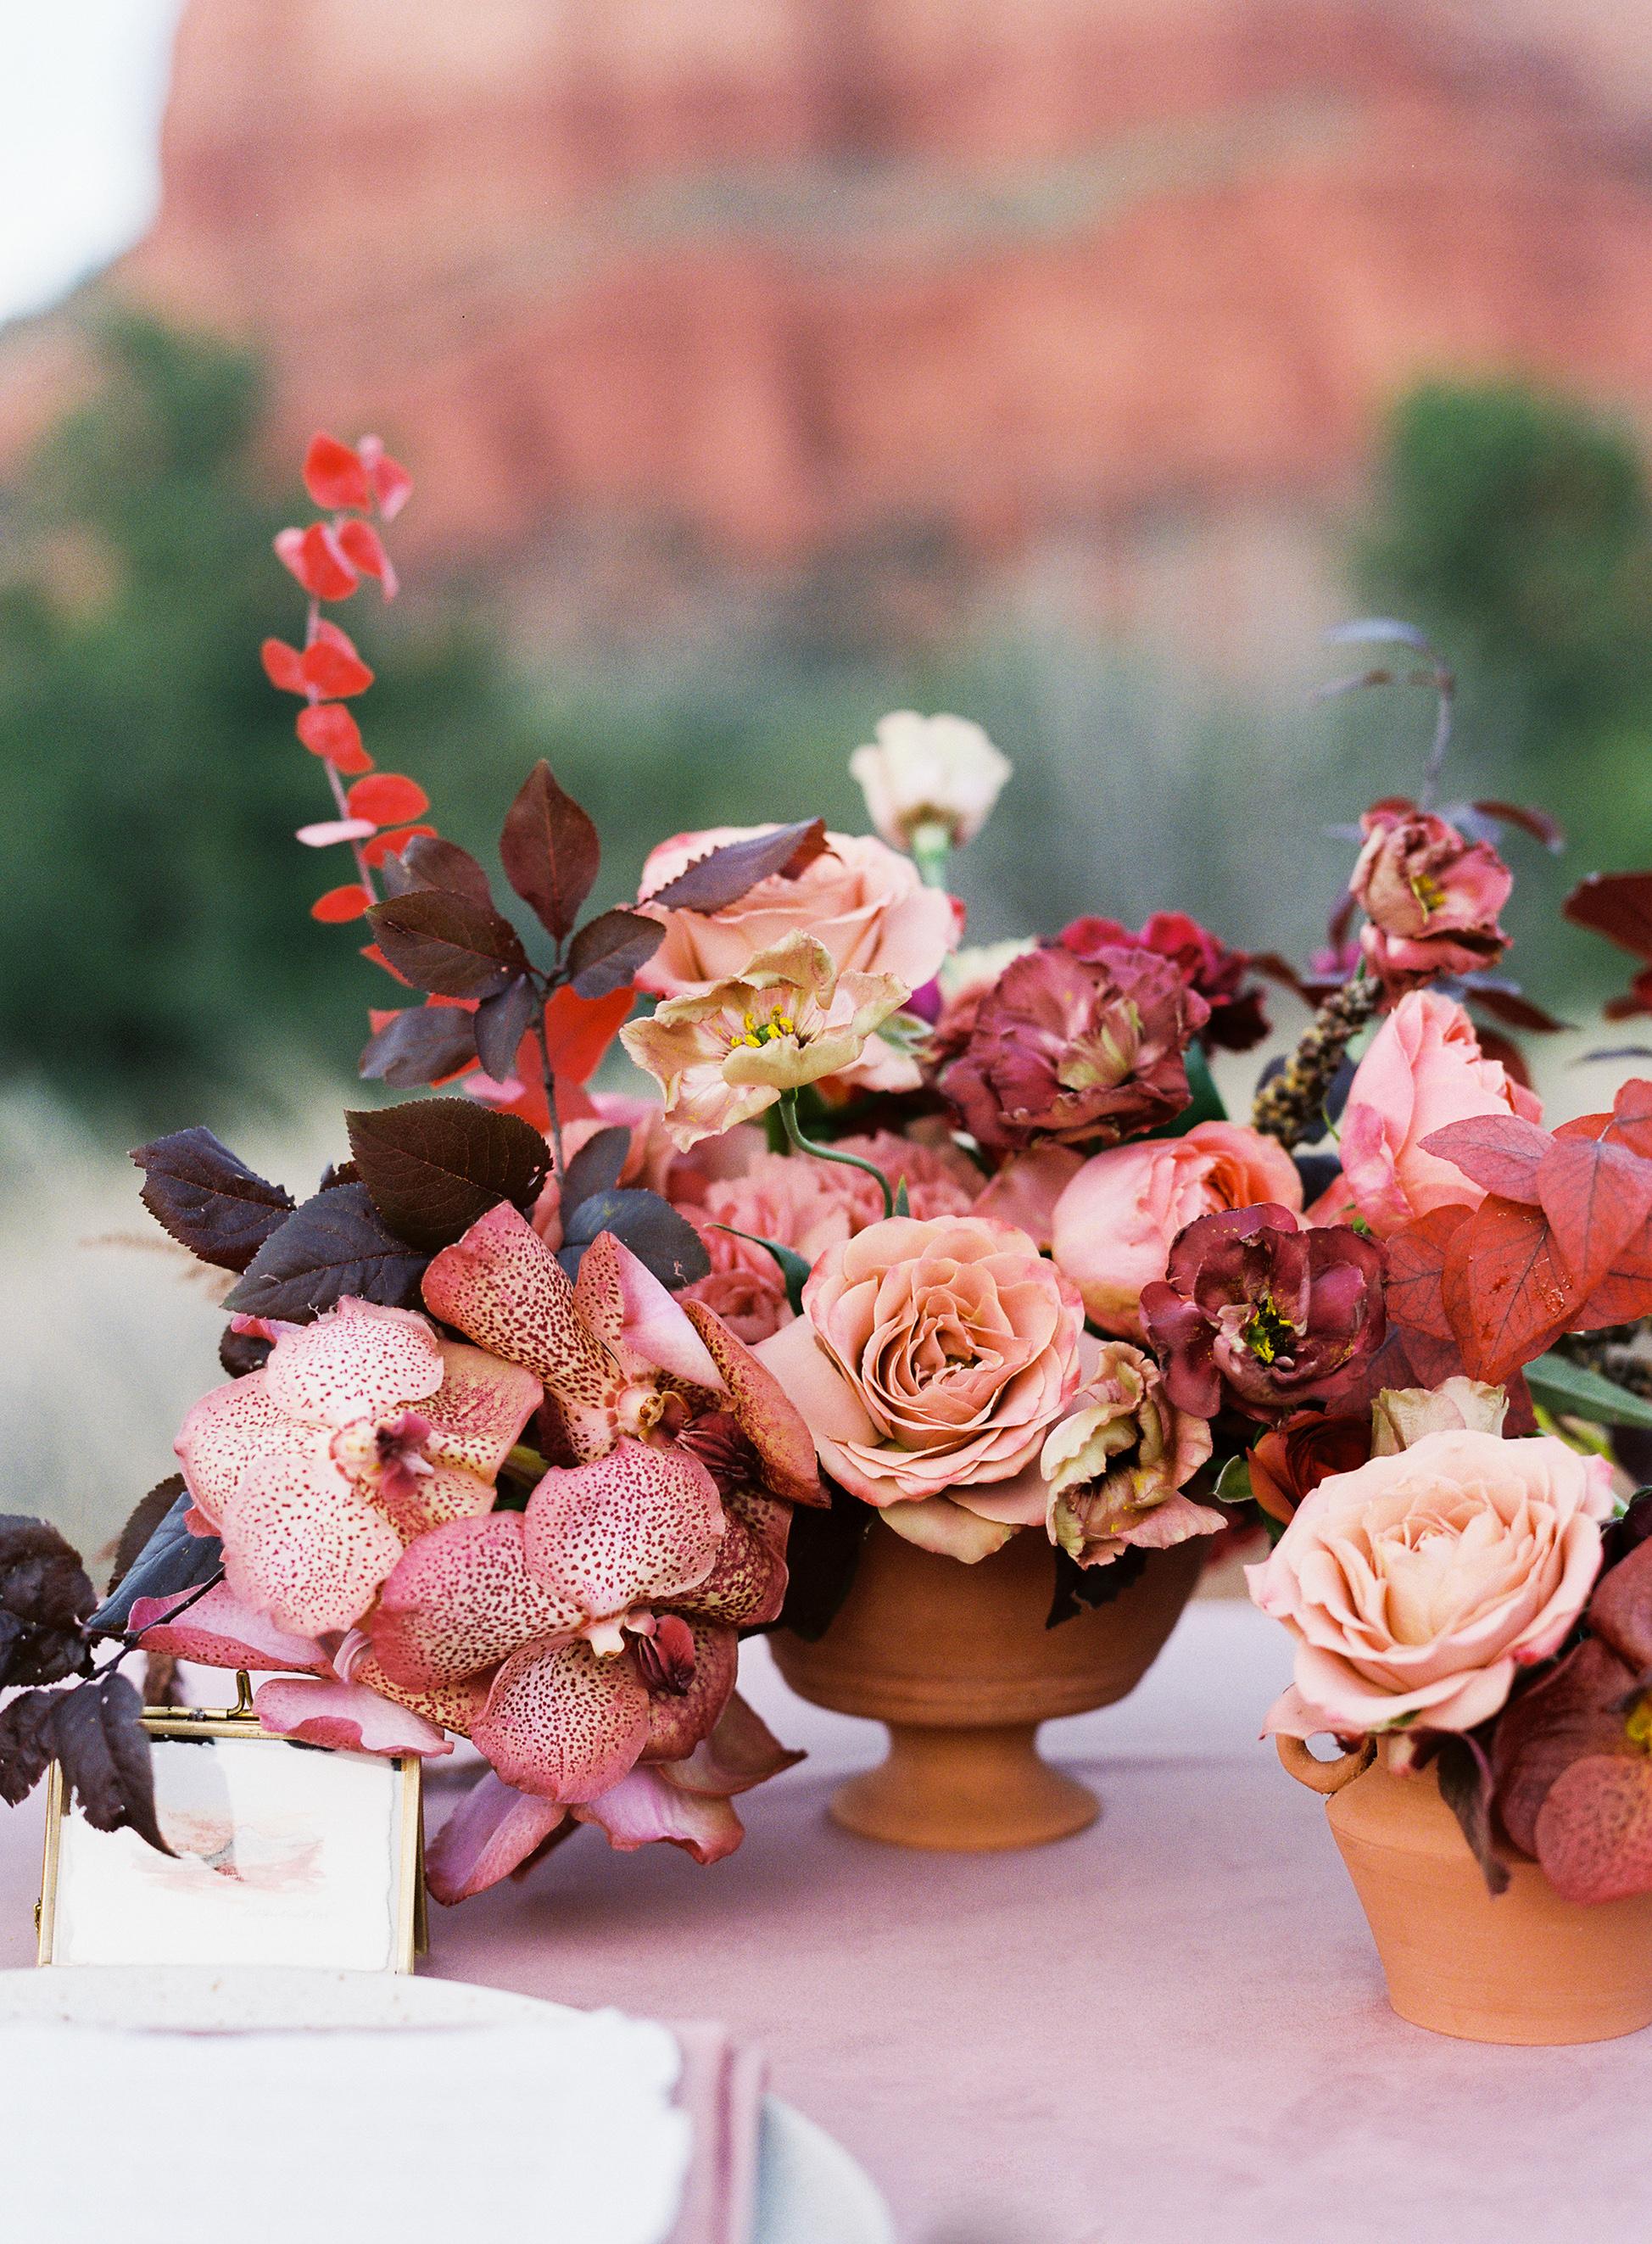 stefanie terrel wedding floral centerpiece